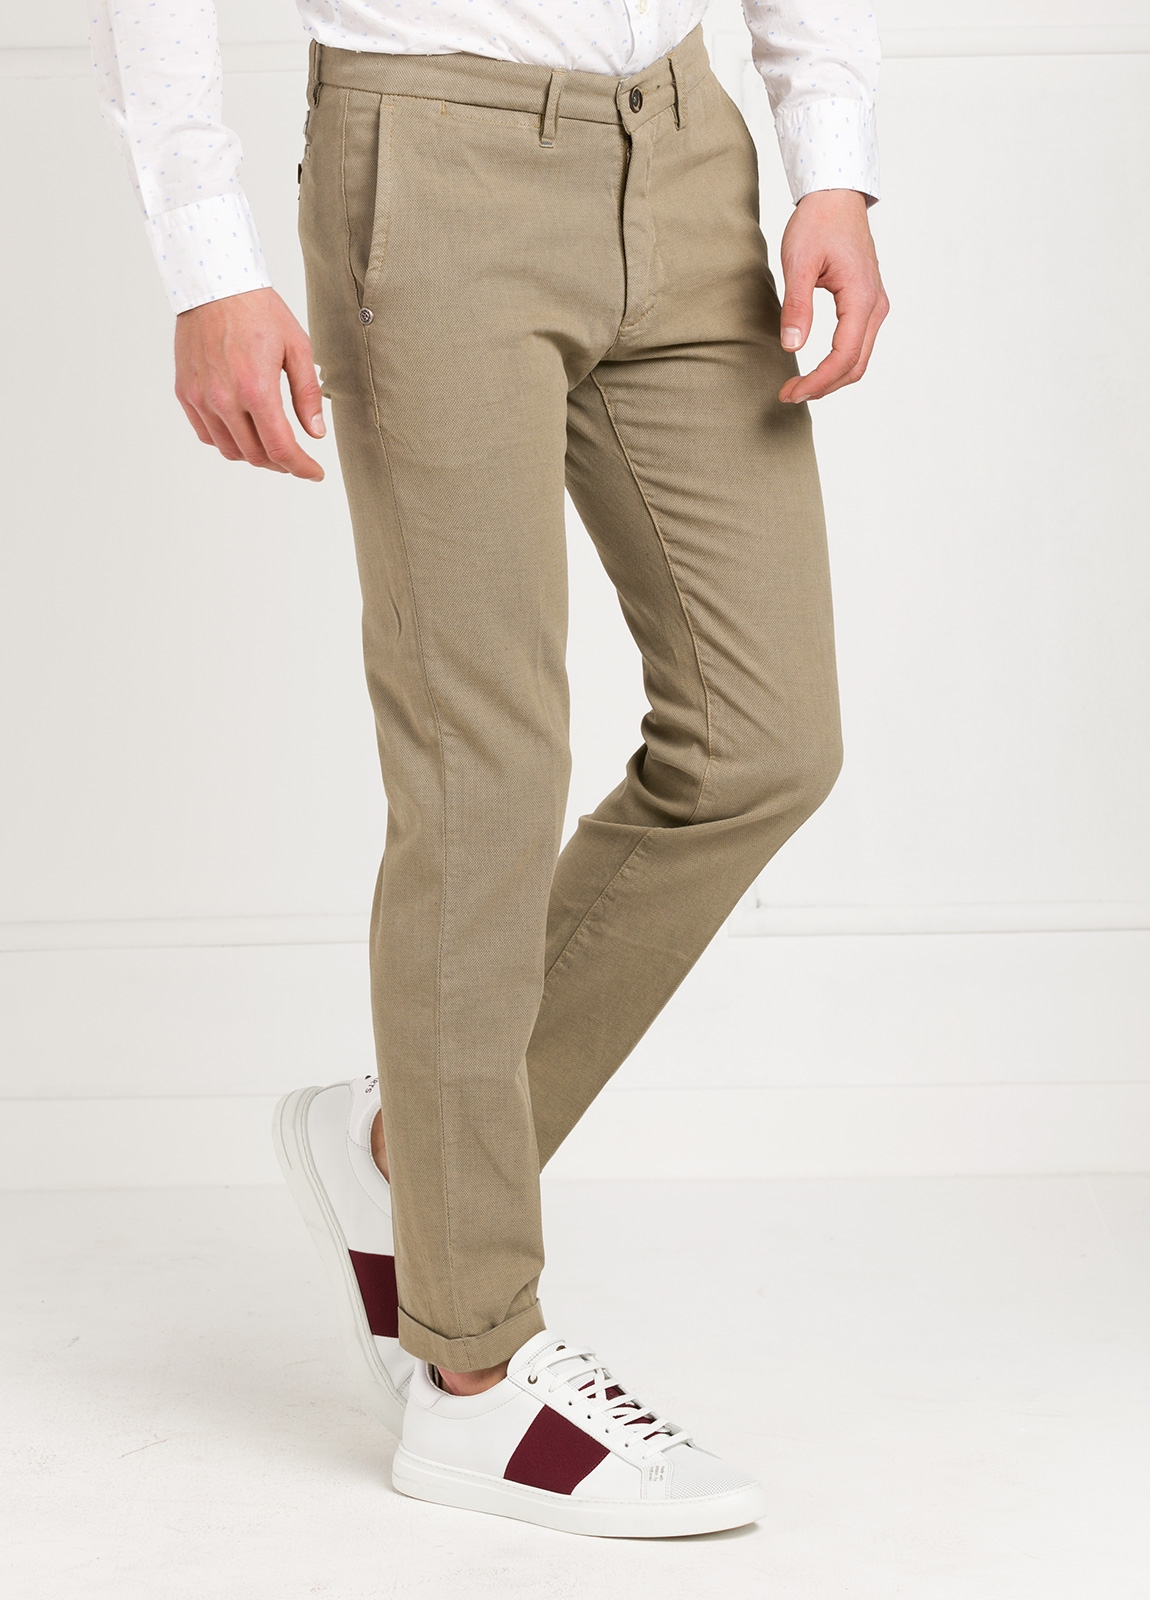 Pantalón sport modelo MUCHA P294 color beige. Algodón y elastáno. - Ítem2